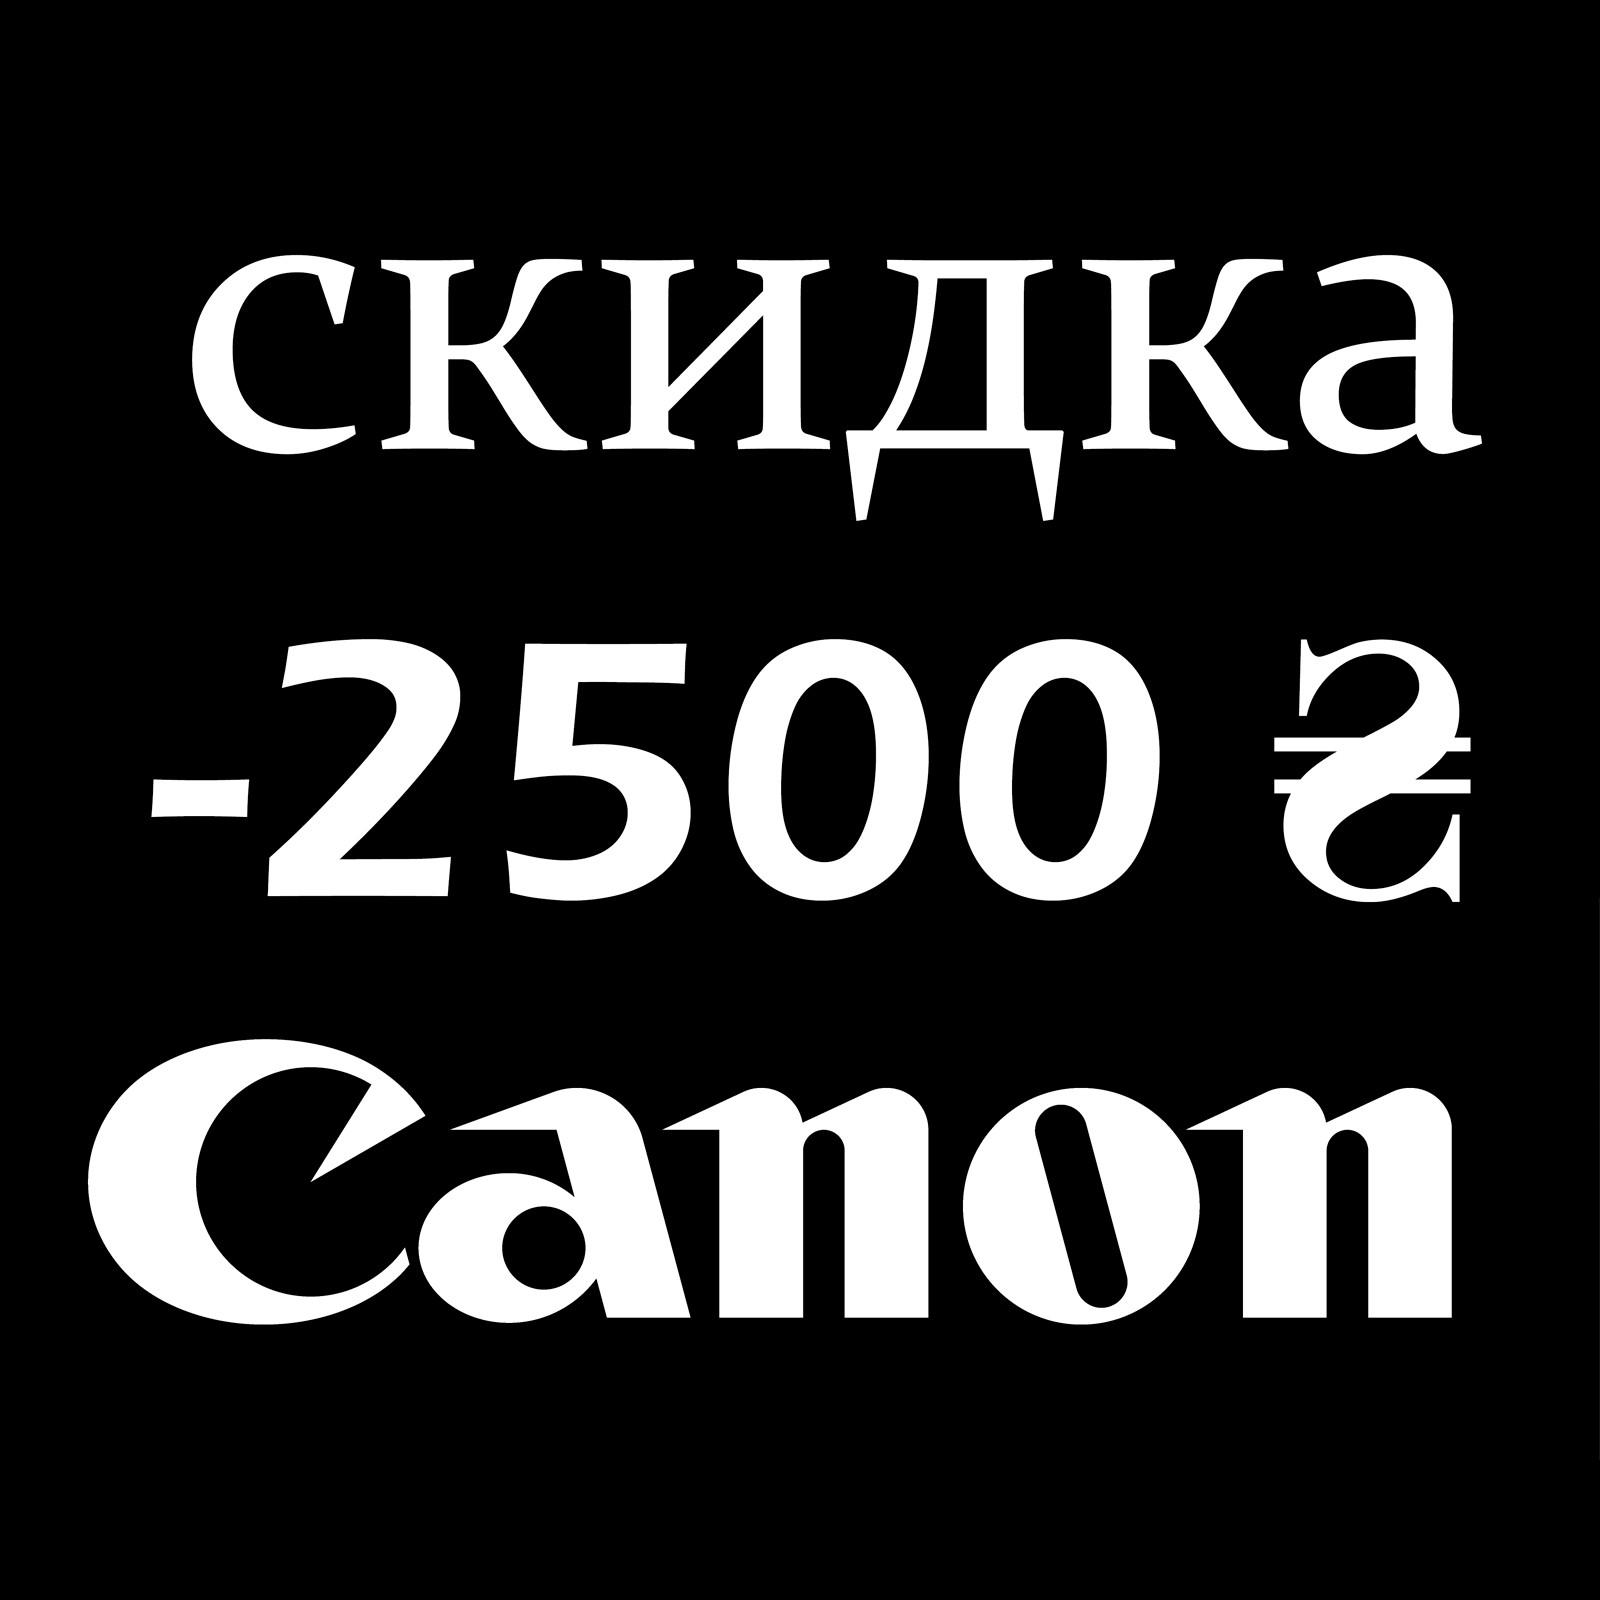 Сертифика скидка Canon -2500